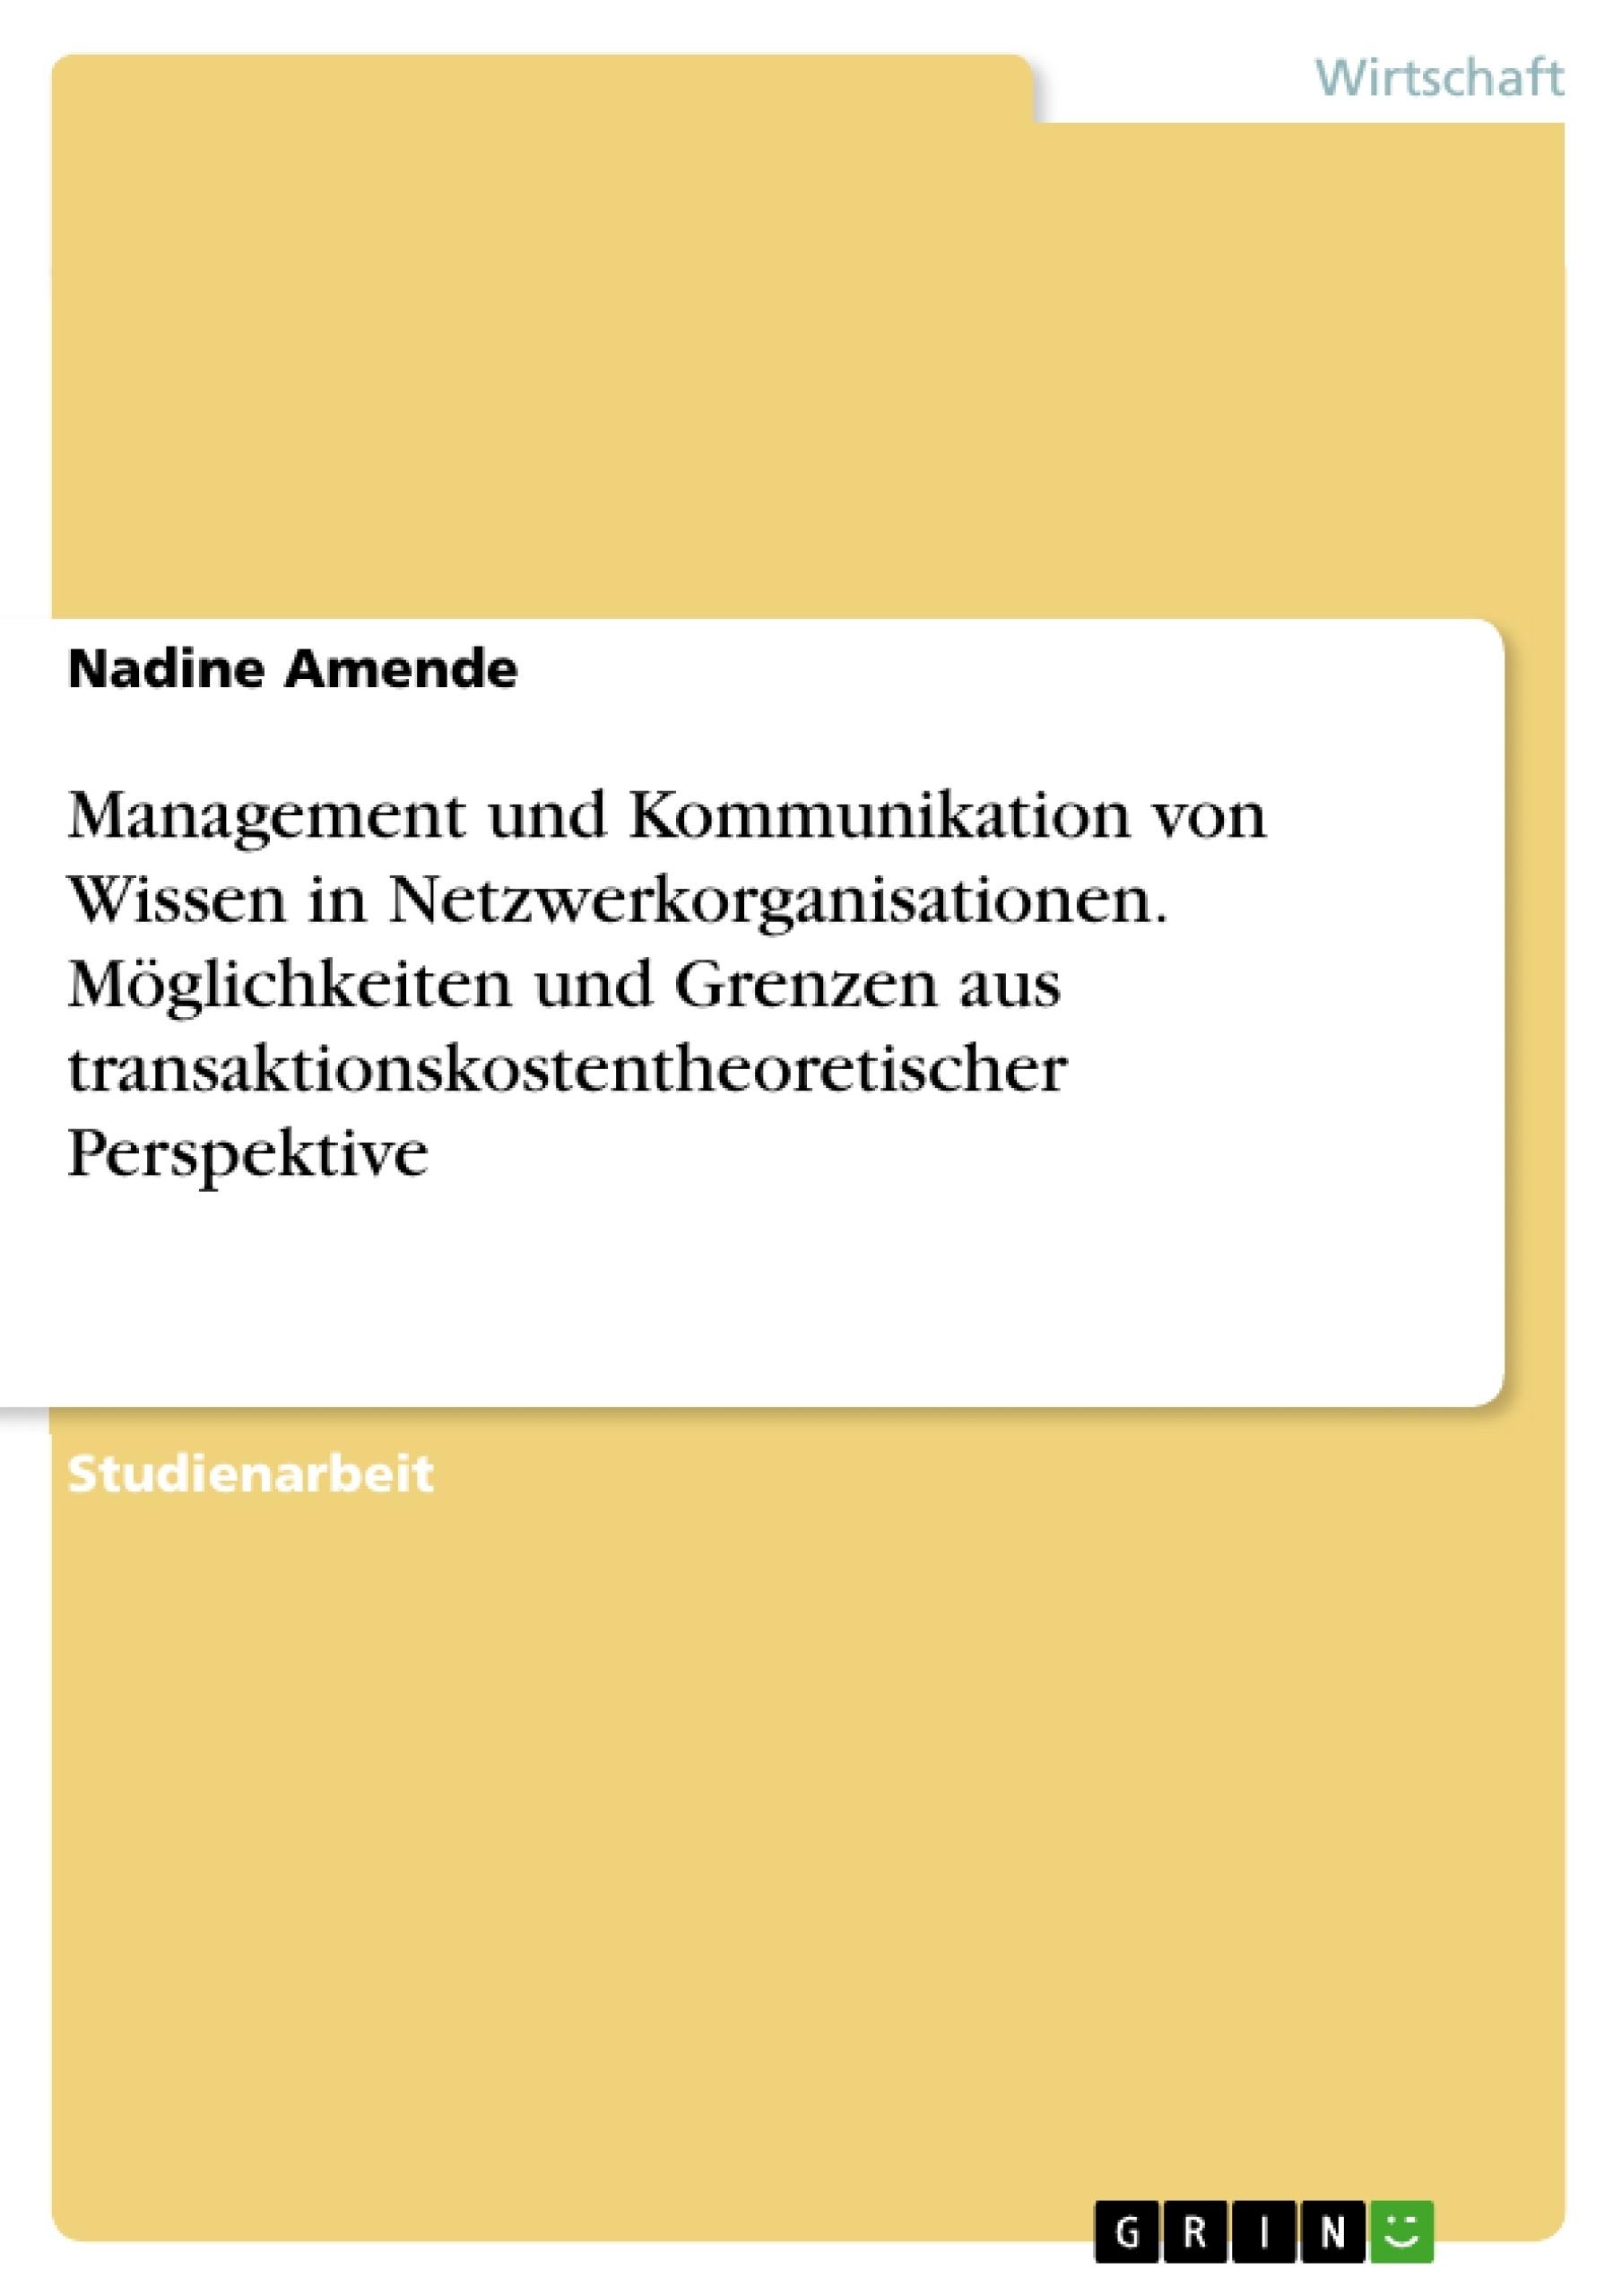 Titel: Management und Kommunikation von Wissen in Netzwerkorganisationen. Möglichkeiten und Grenzen aus transaktionskostentheoretischer Perspektive